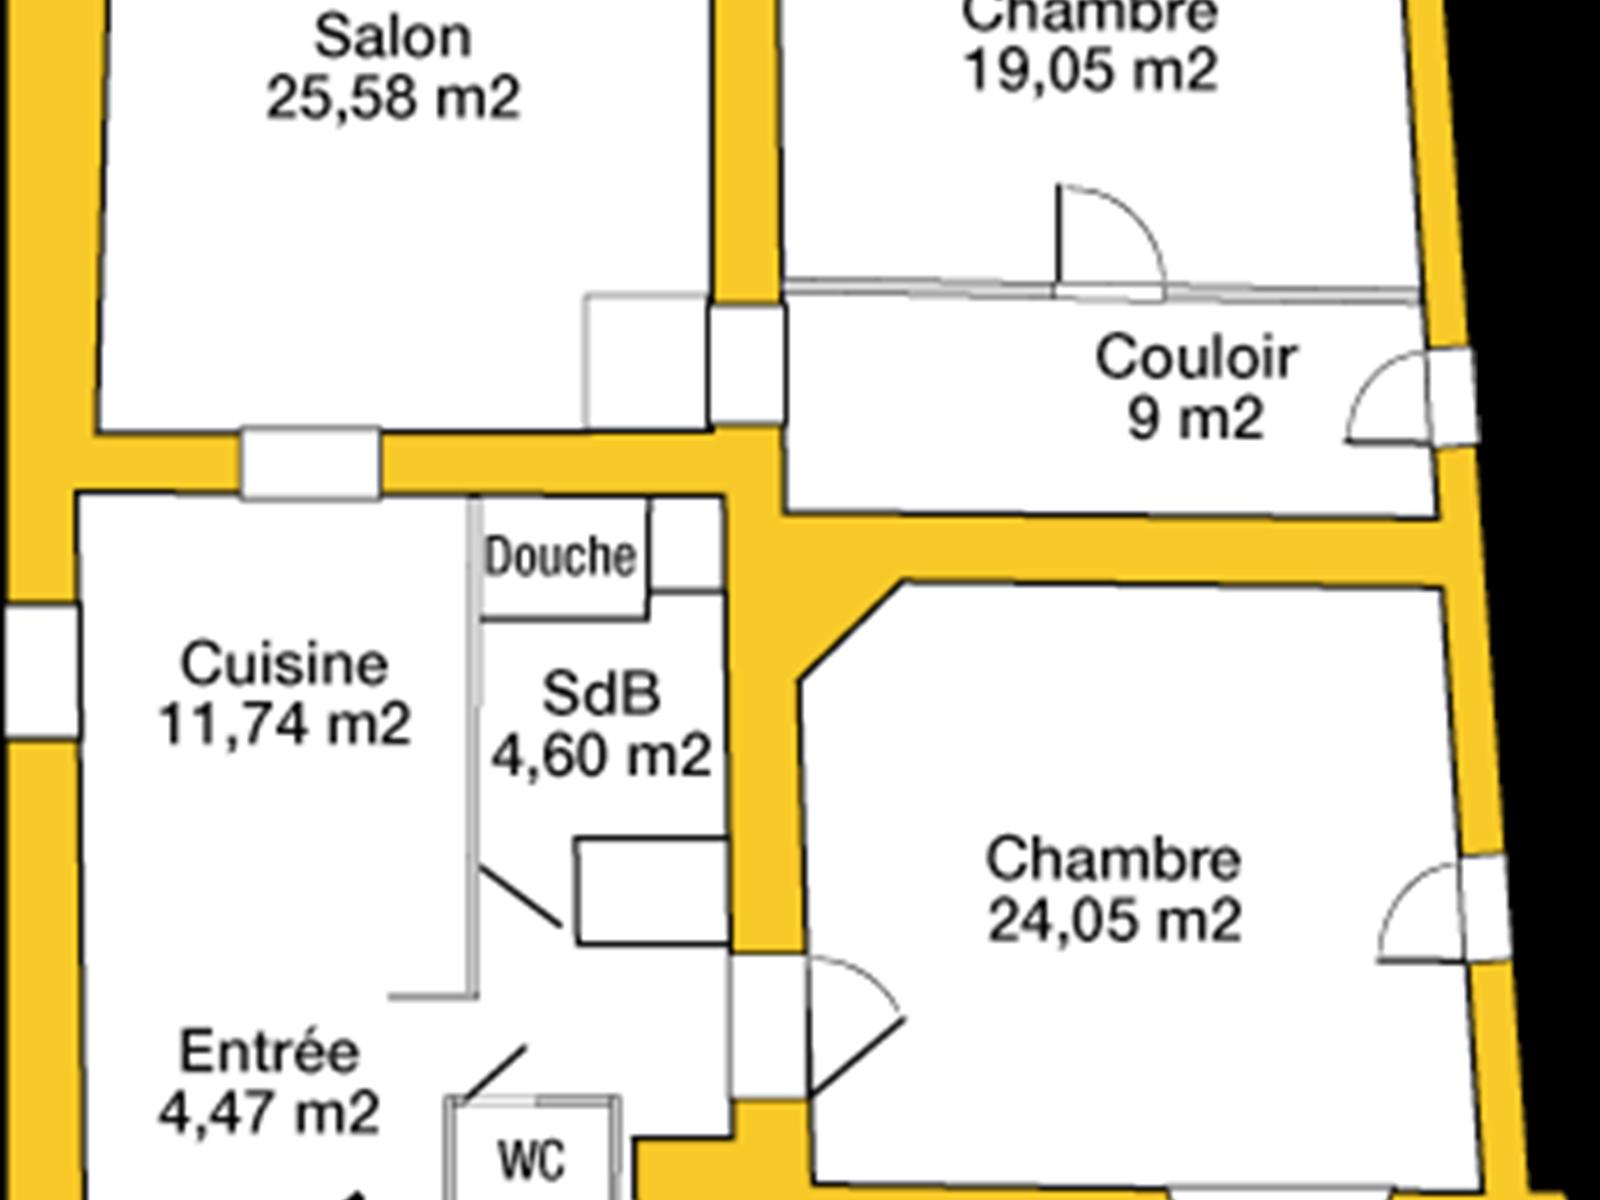 Plan de l' appartement  avec la monté d' escalier qui donne sur la cour pavée